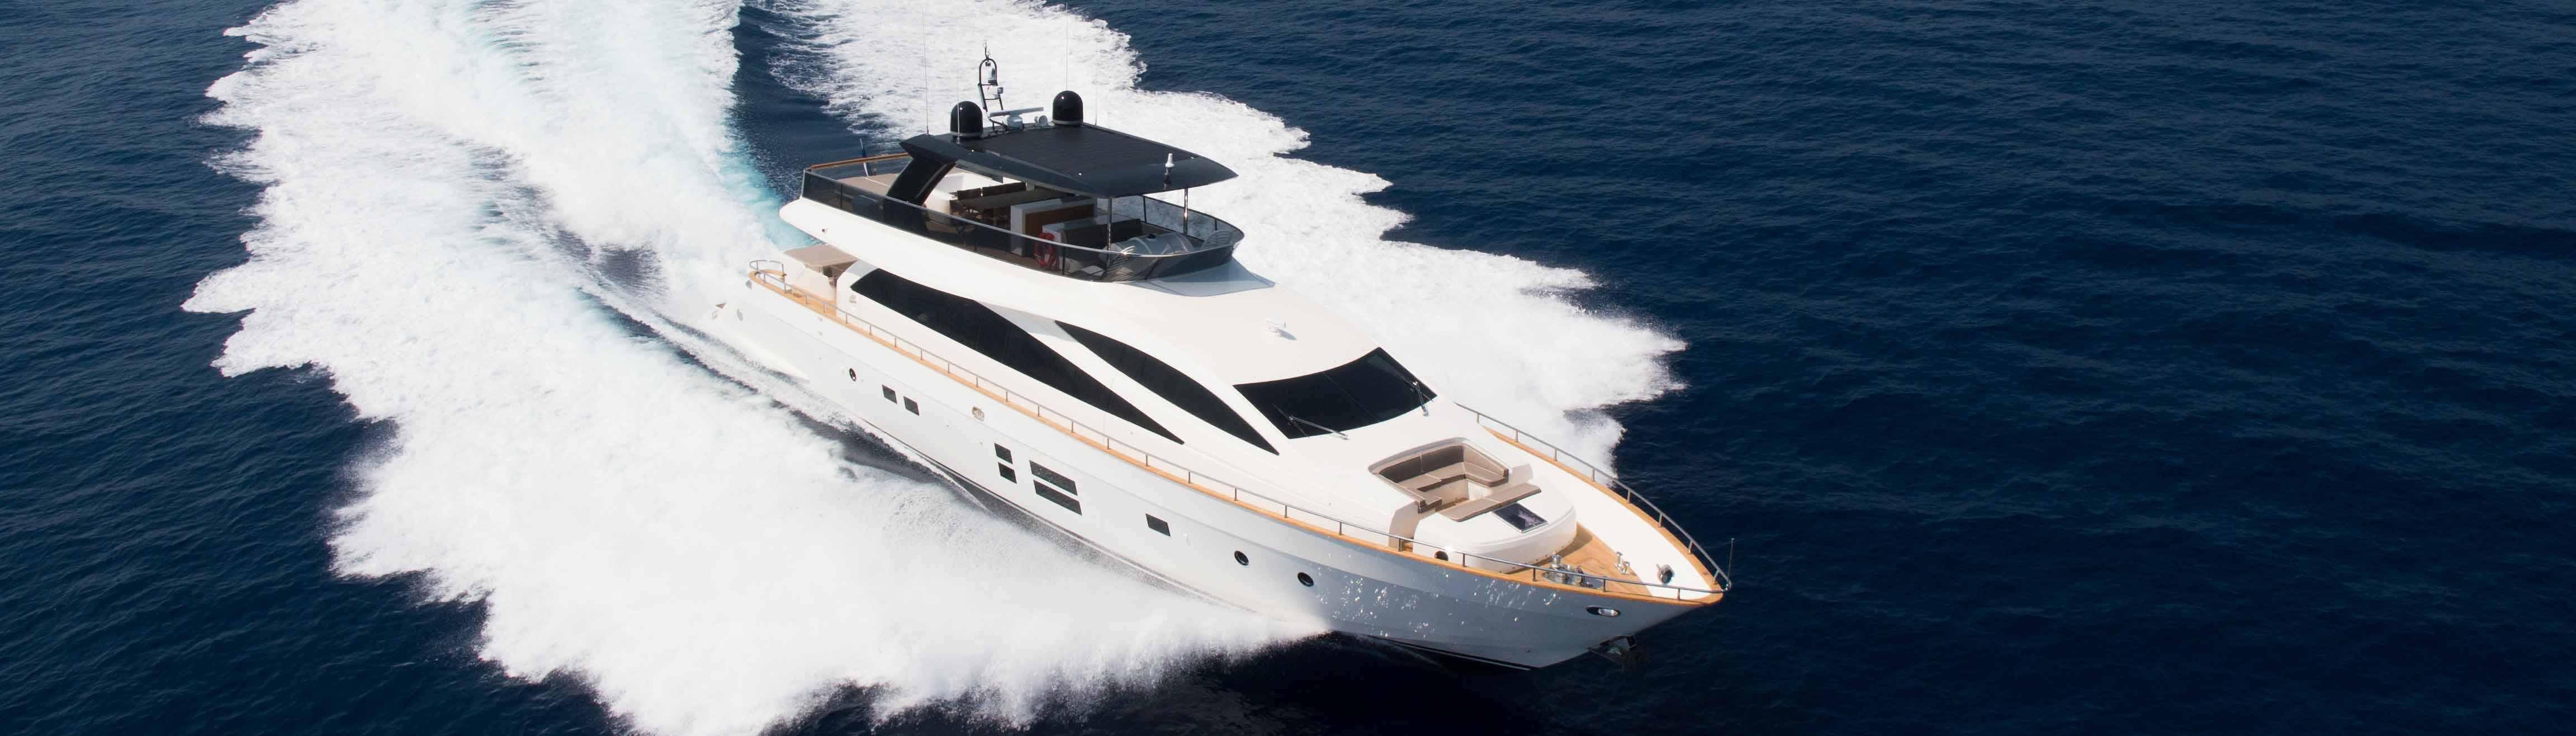 Amer Yacht - Amer 94 amer-94-179